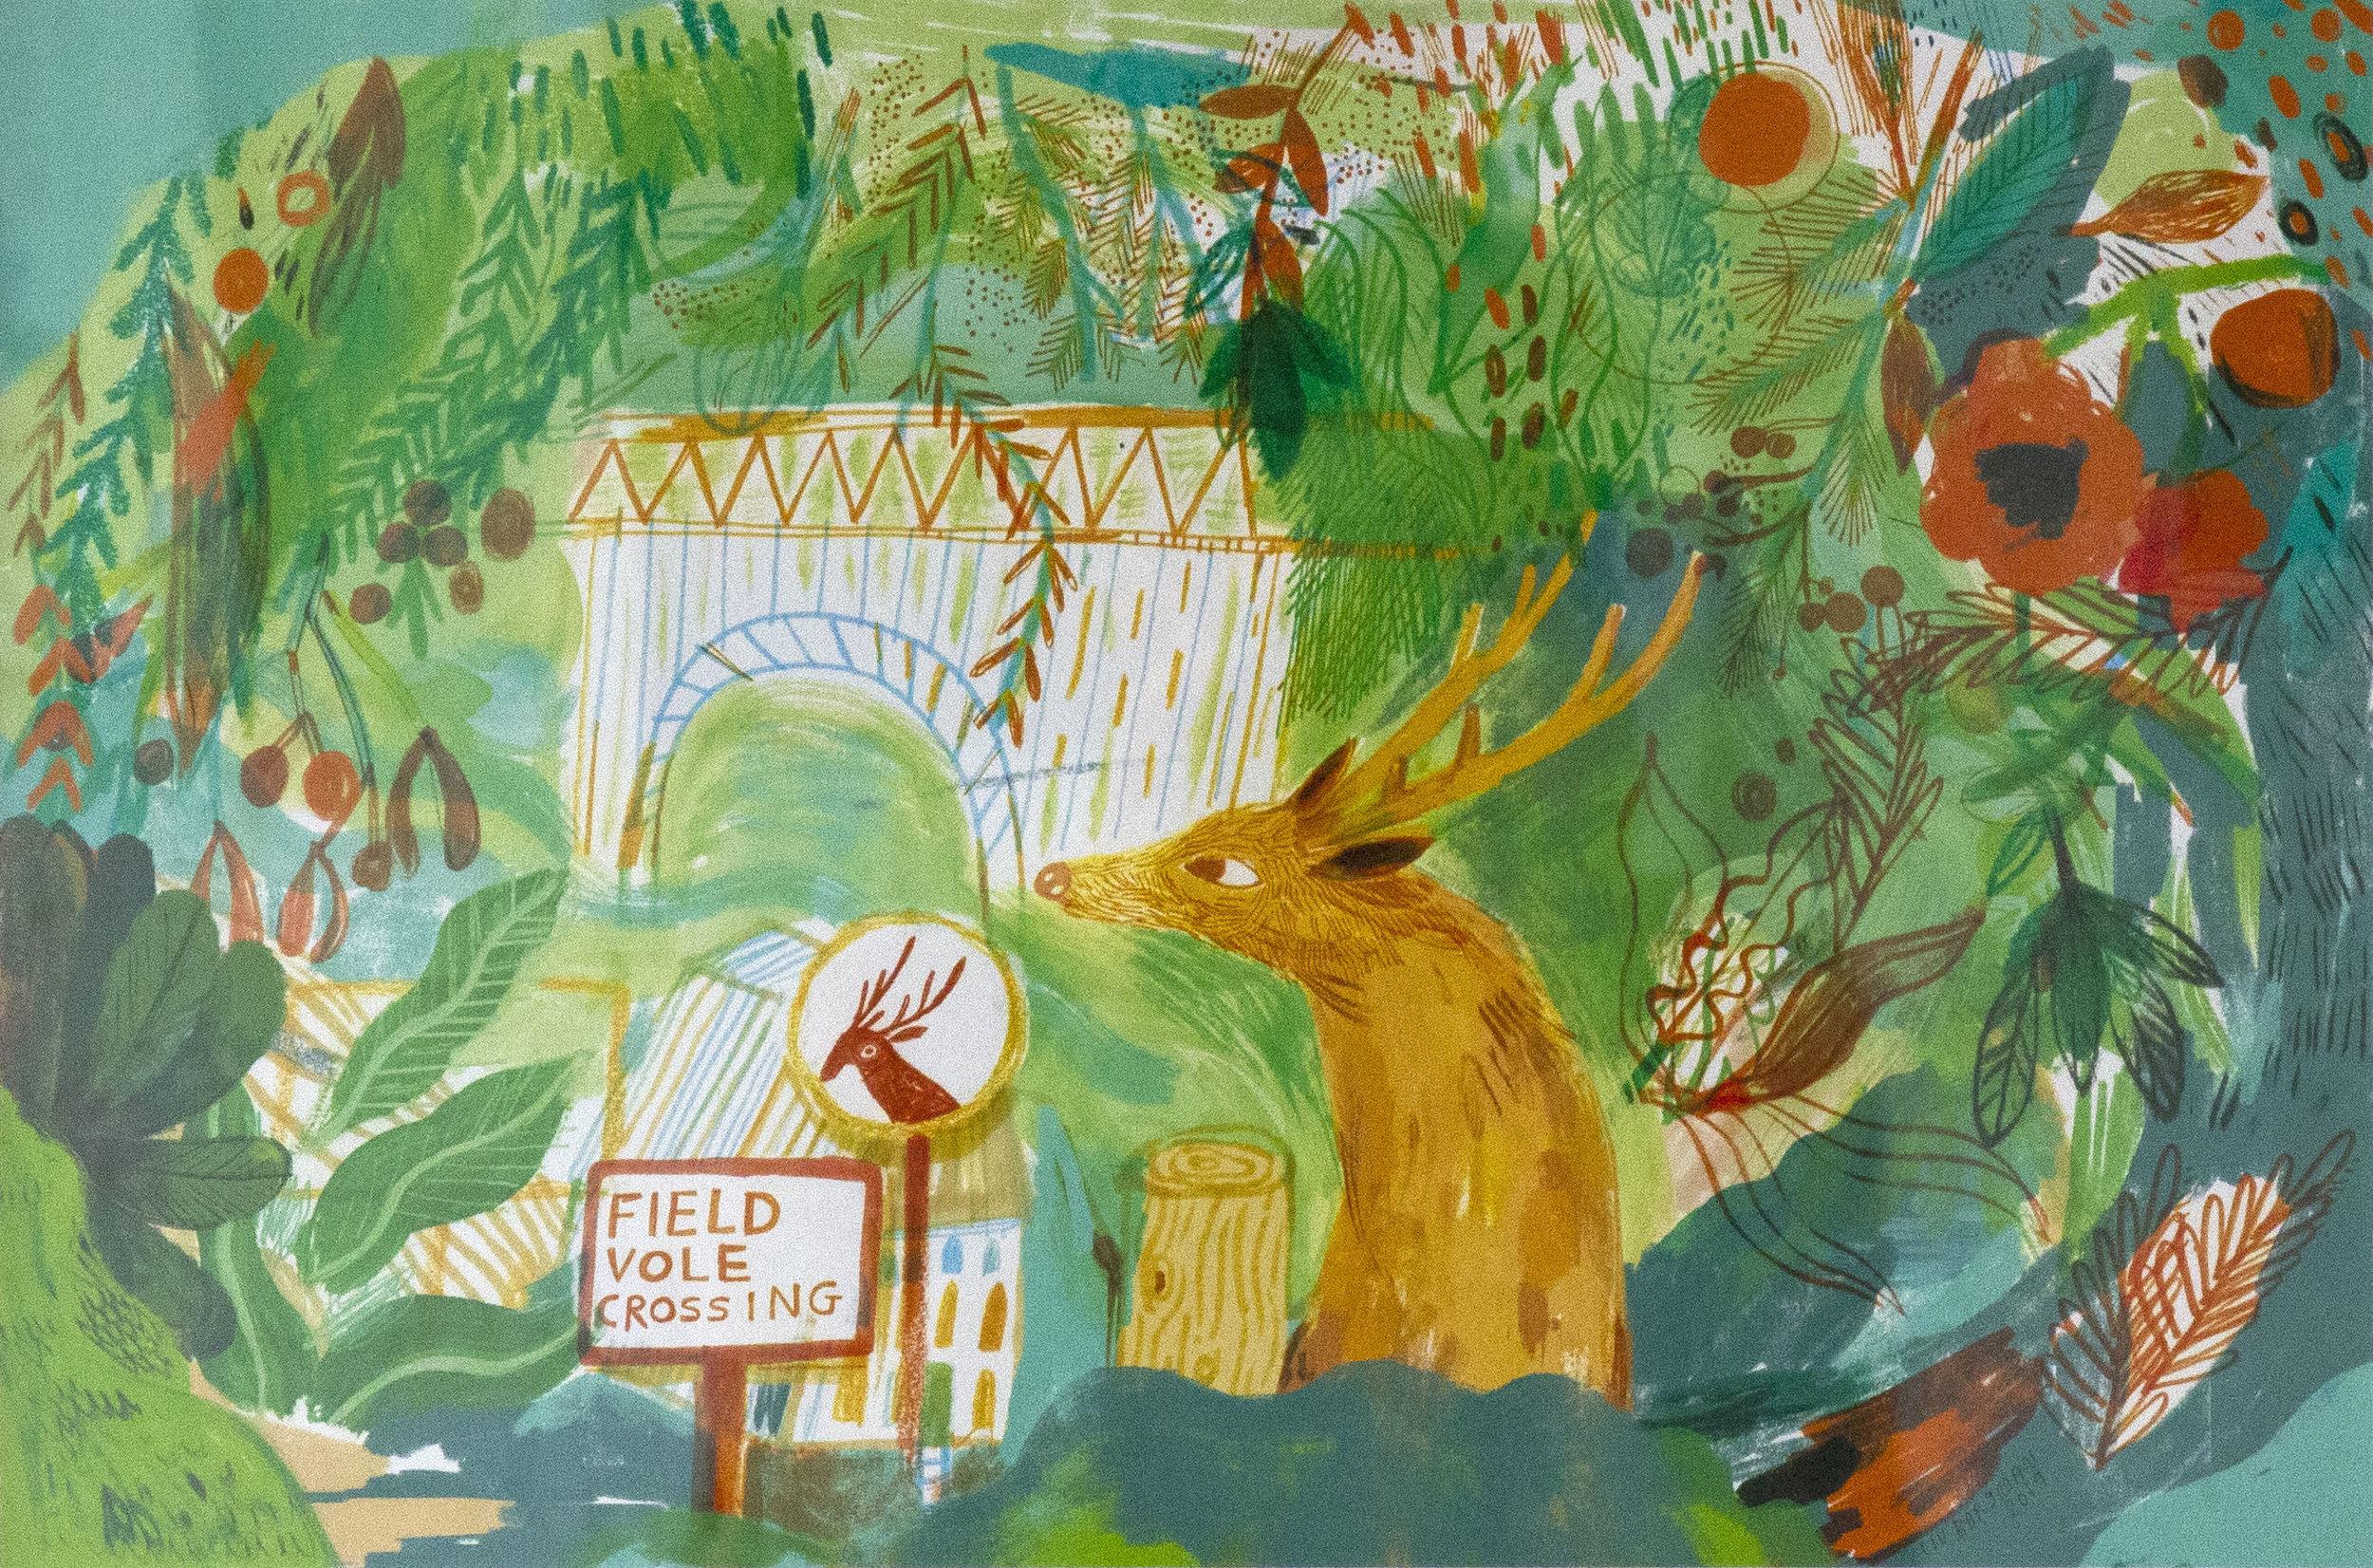 A Green Corridor (2019) , Liv Bargman, Giclée Print edition of 10, 40 x 26cm, £110 unframed, £150 framed